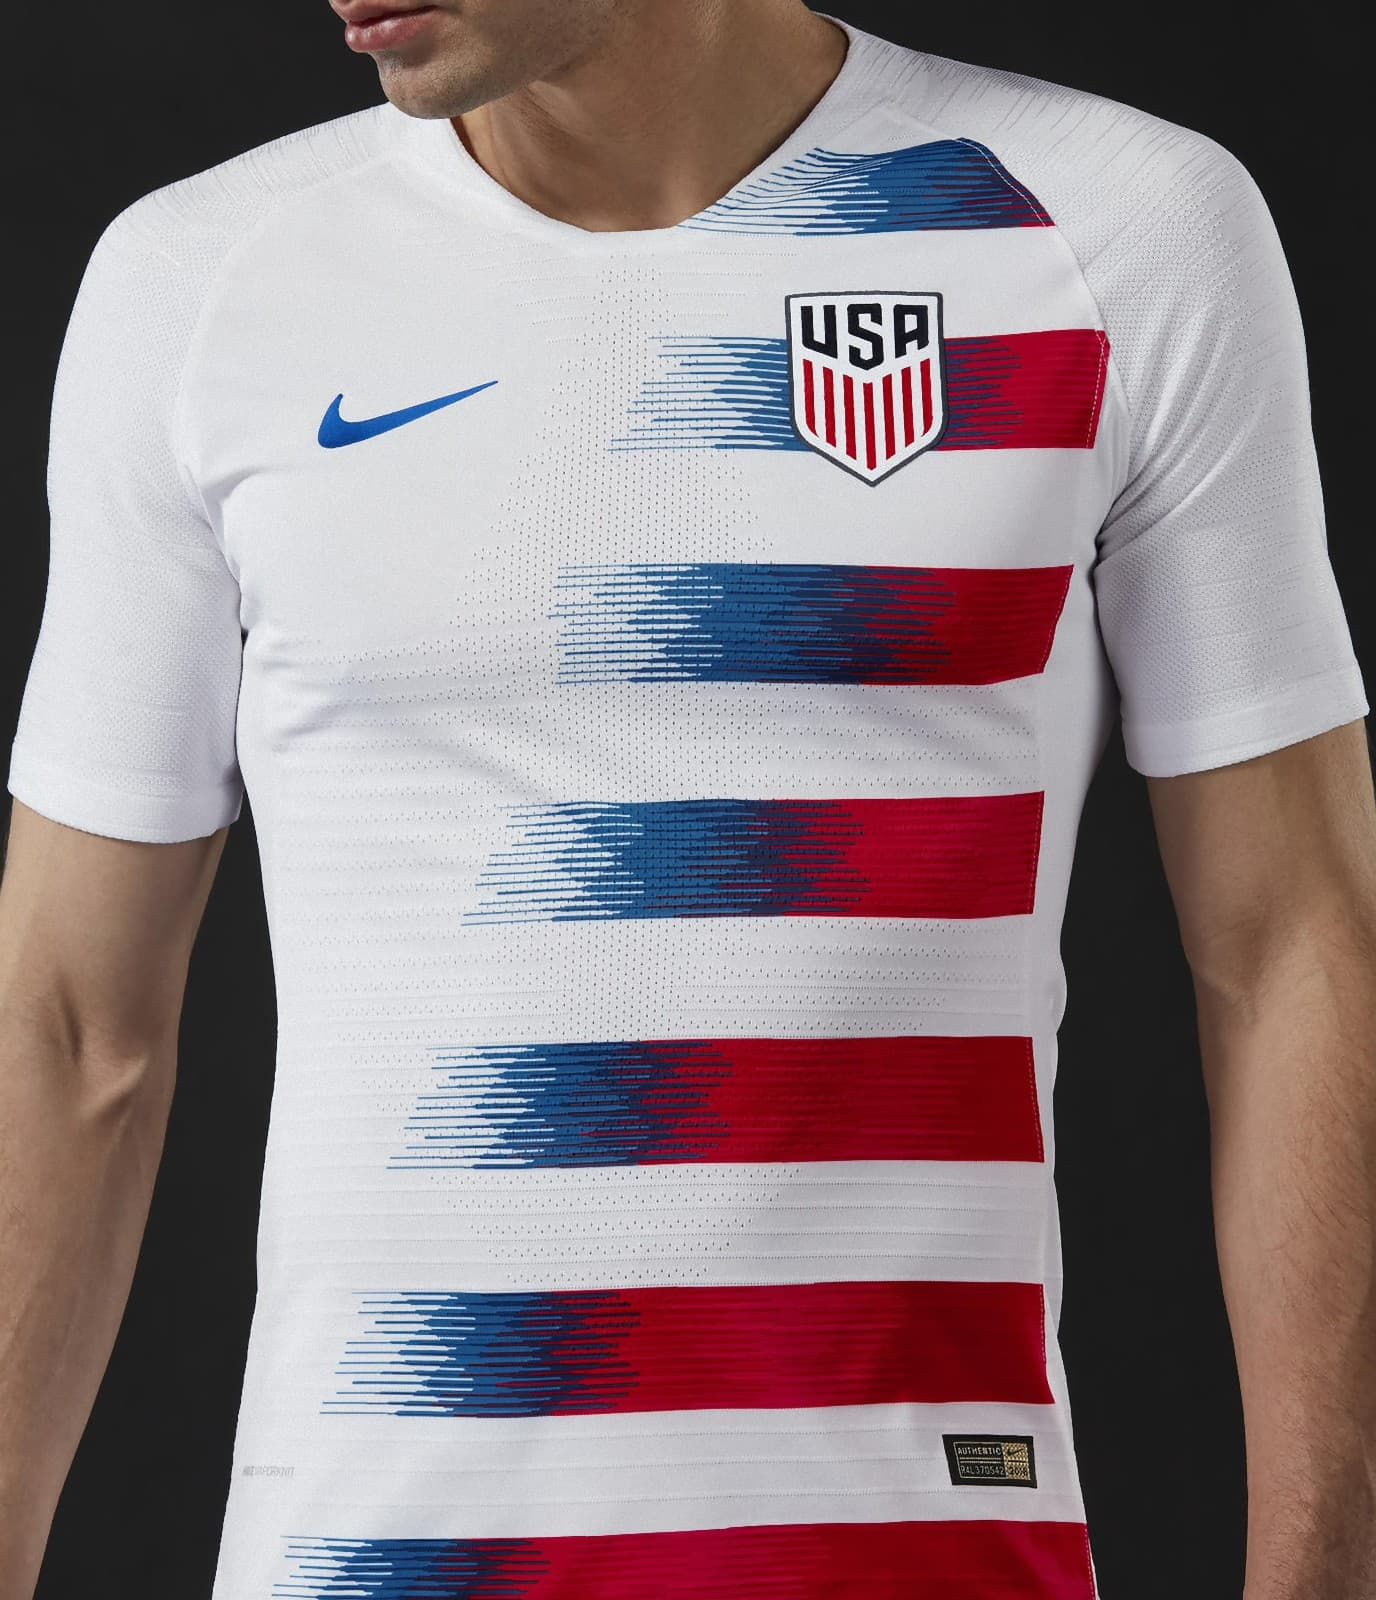 アメリカ代表 2018 ユニフォーム ユニ11